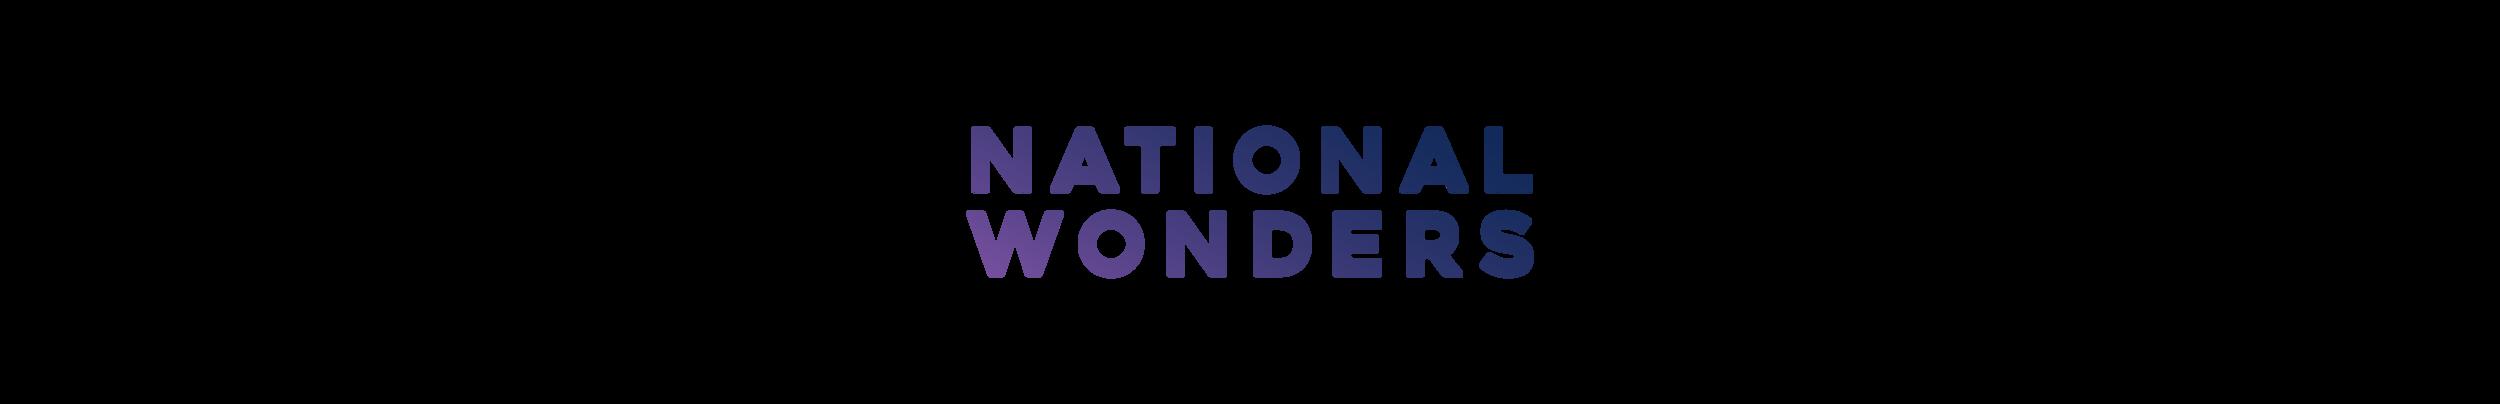 National Wonders-01.png